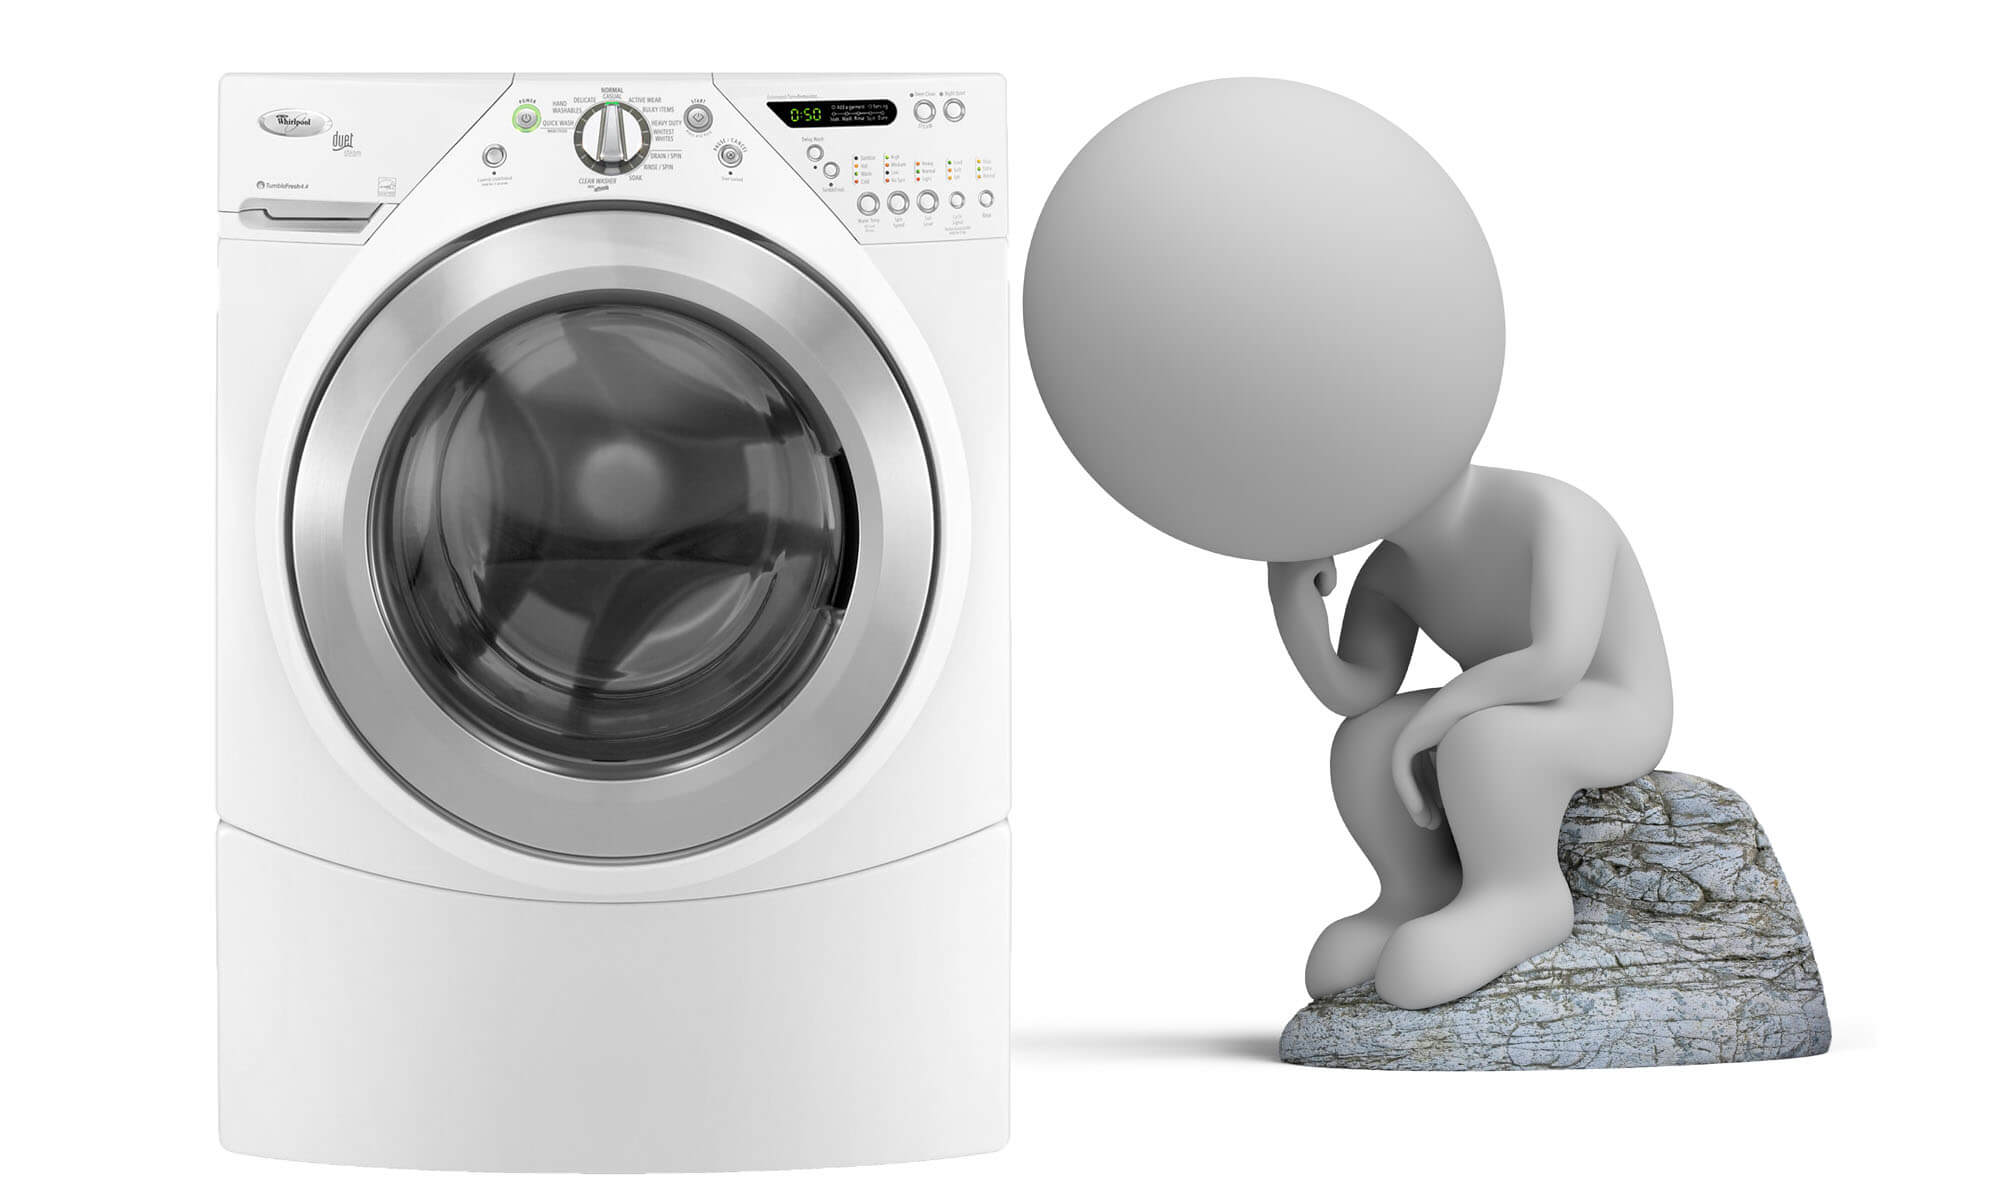 2nd Gen Whirlpool Duet Washer Repair Guide - ApplianceAssistant.com |  ApplianceAssistant.com